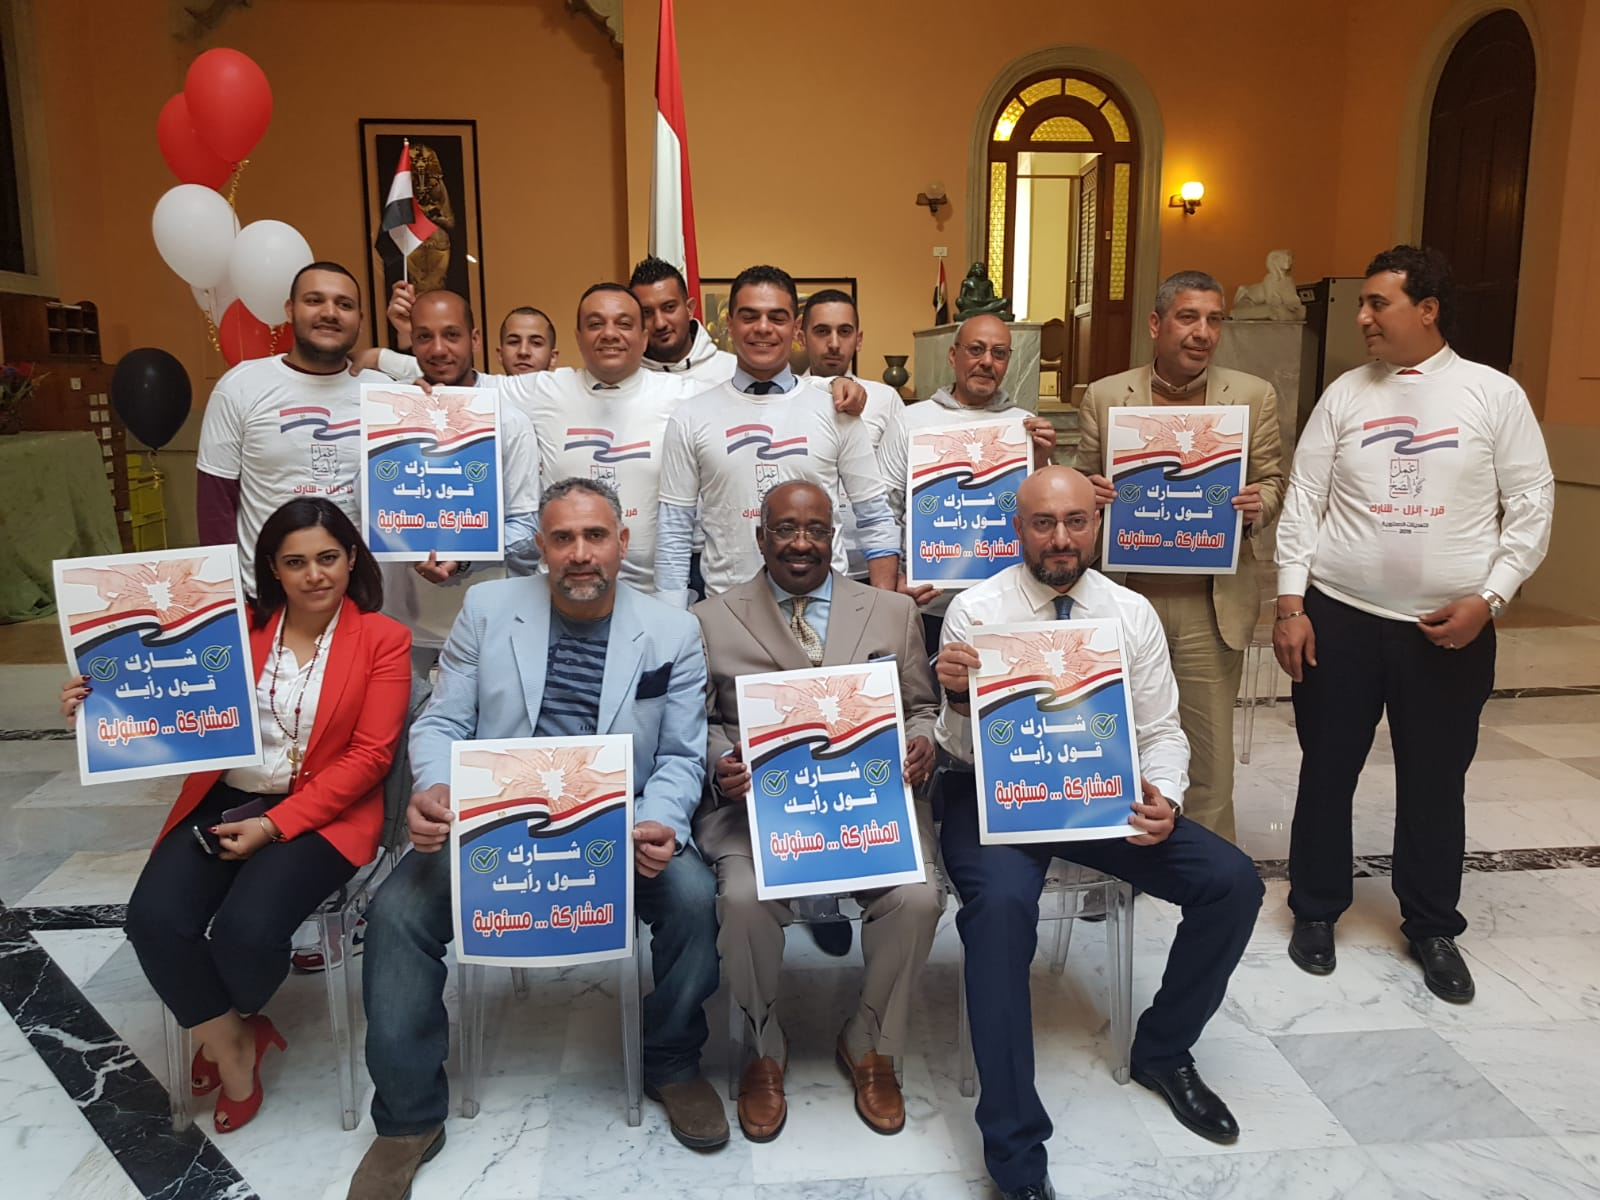 المصريون فى إيطاليا (1)